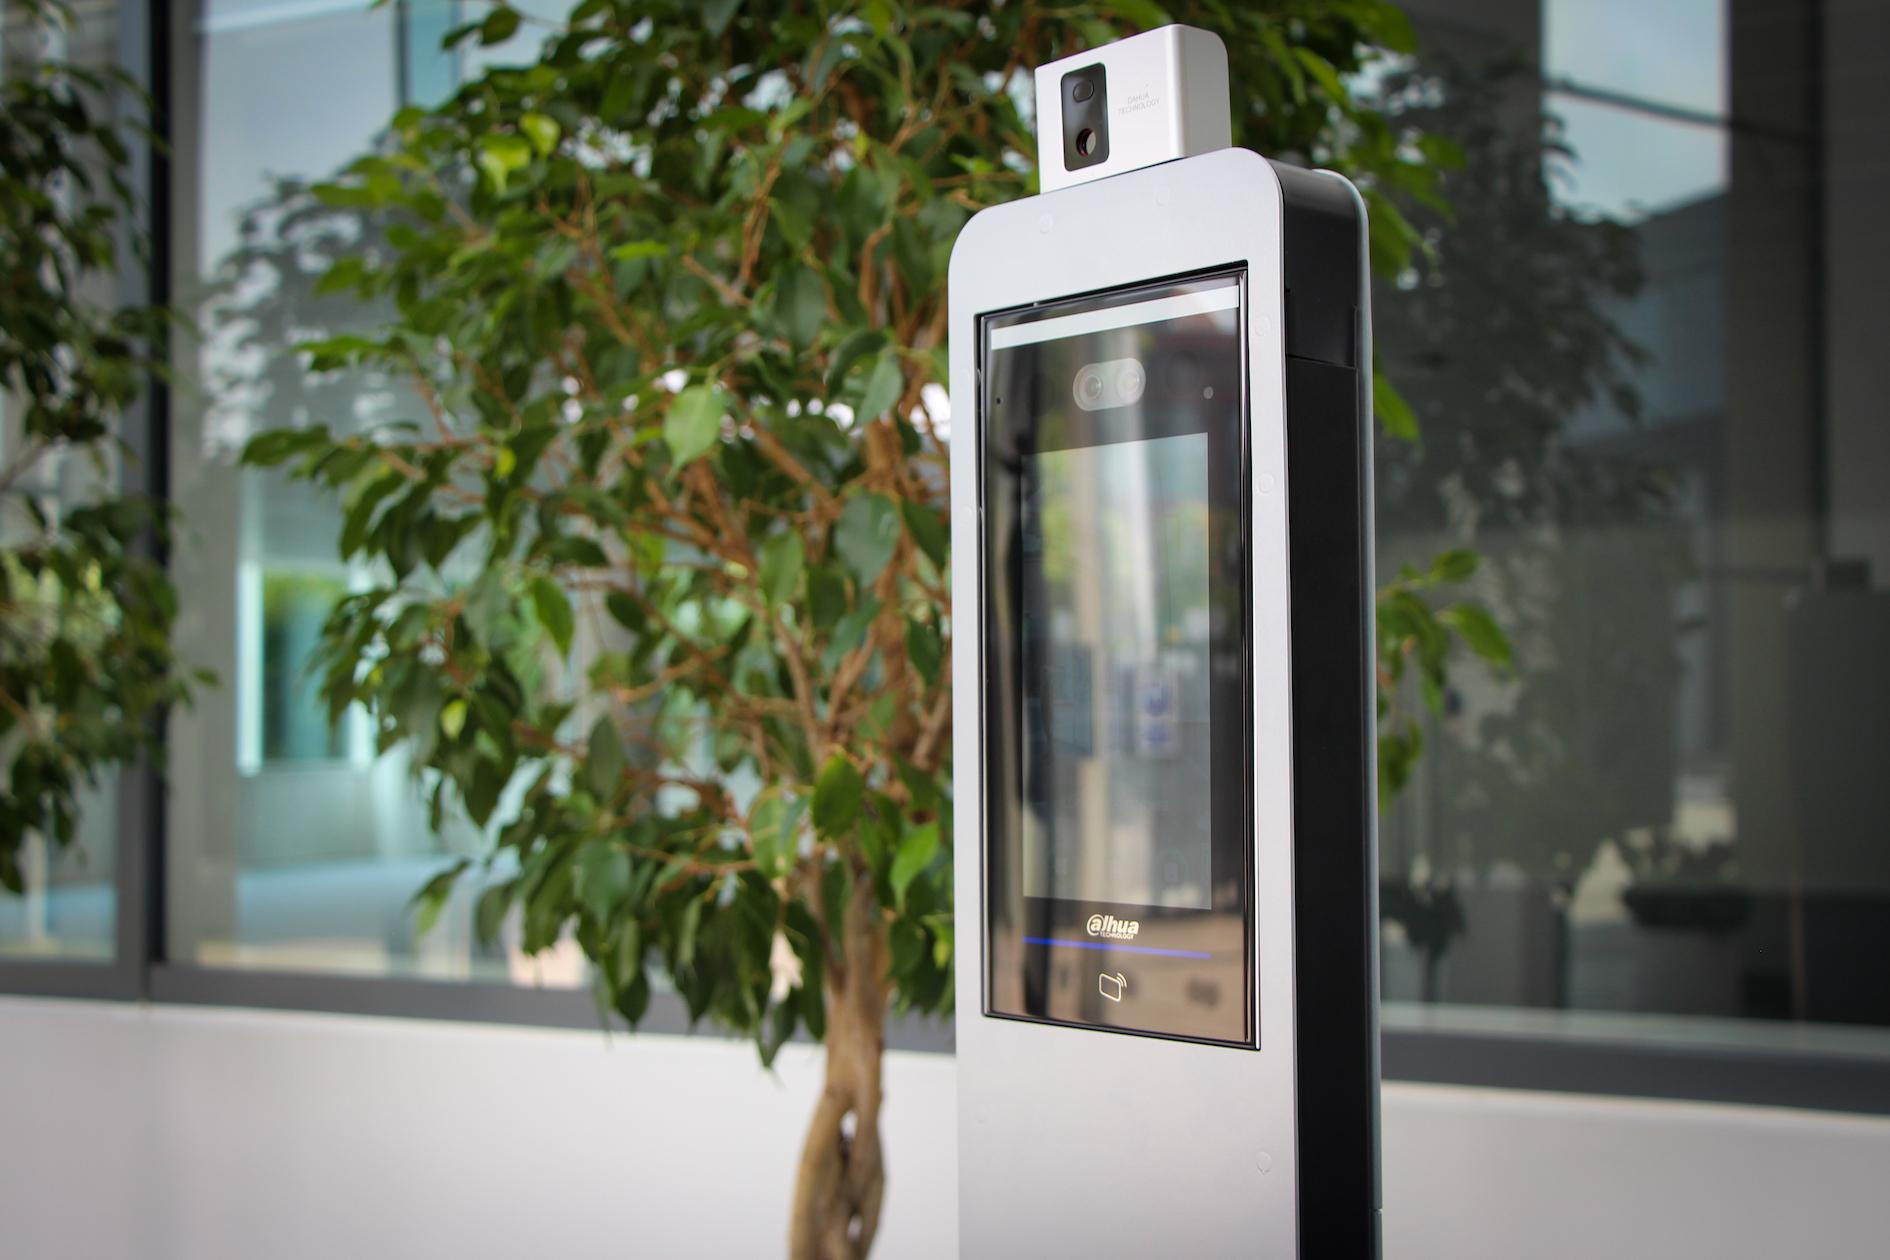 body temperature camera, temperature scanning machine, detect a high fever